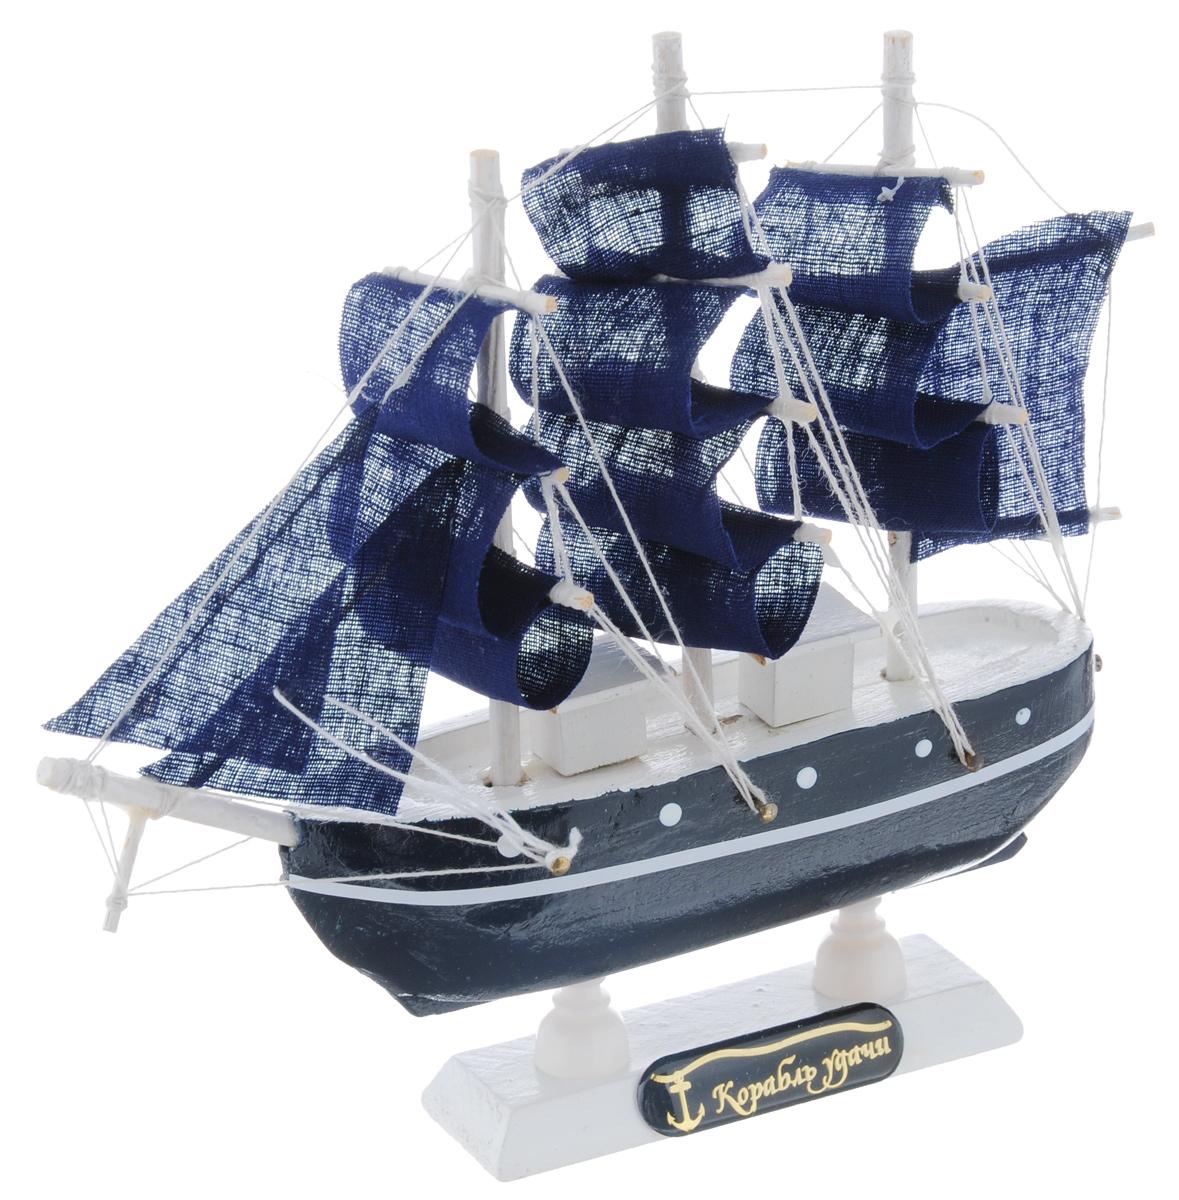 """Корабль сувенирный """"Корабль удачи"""", на подставке, длина 16 см"""